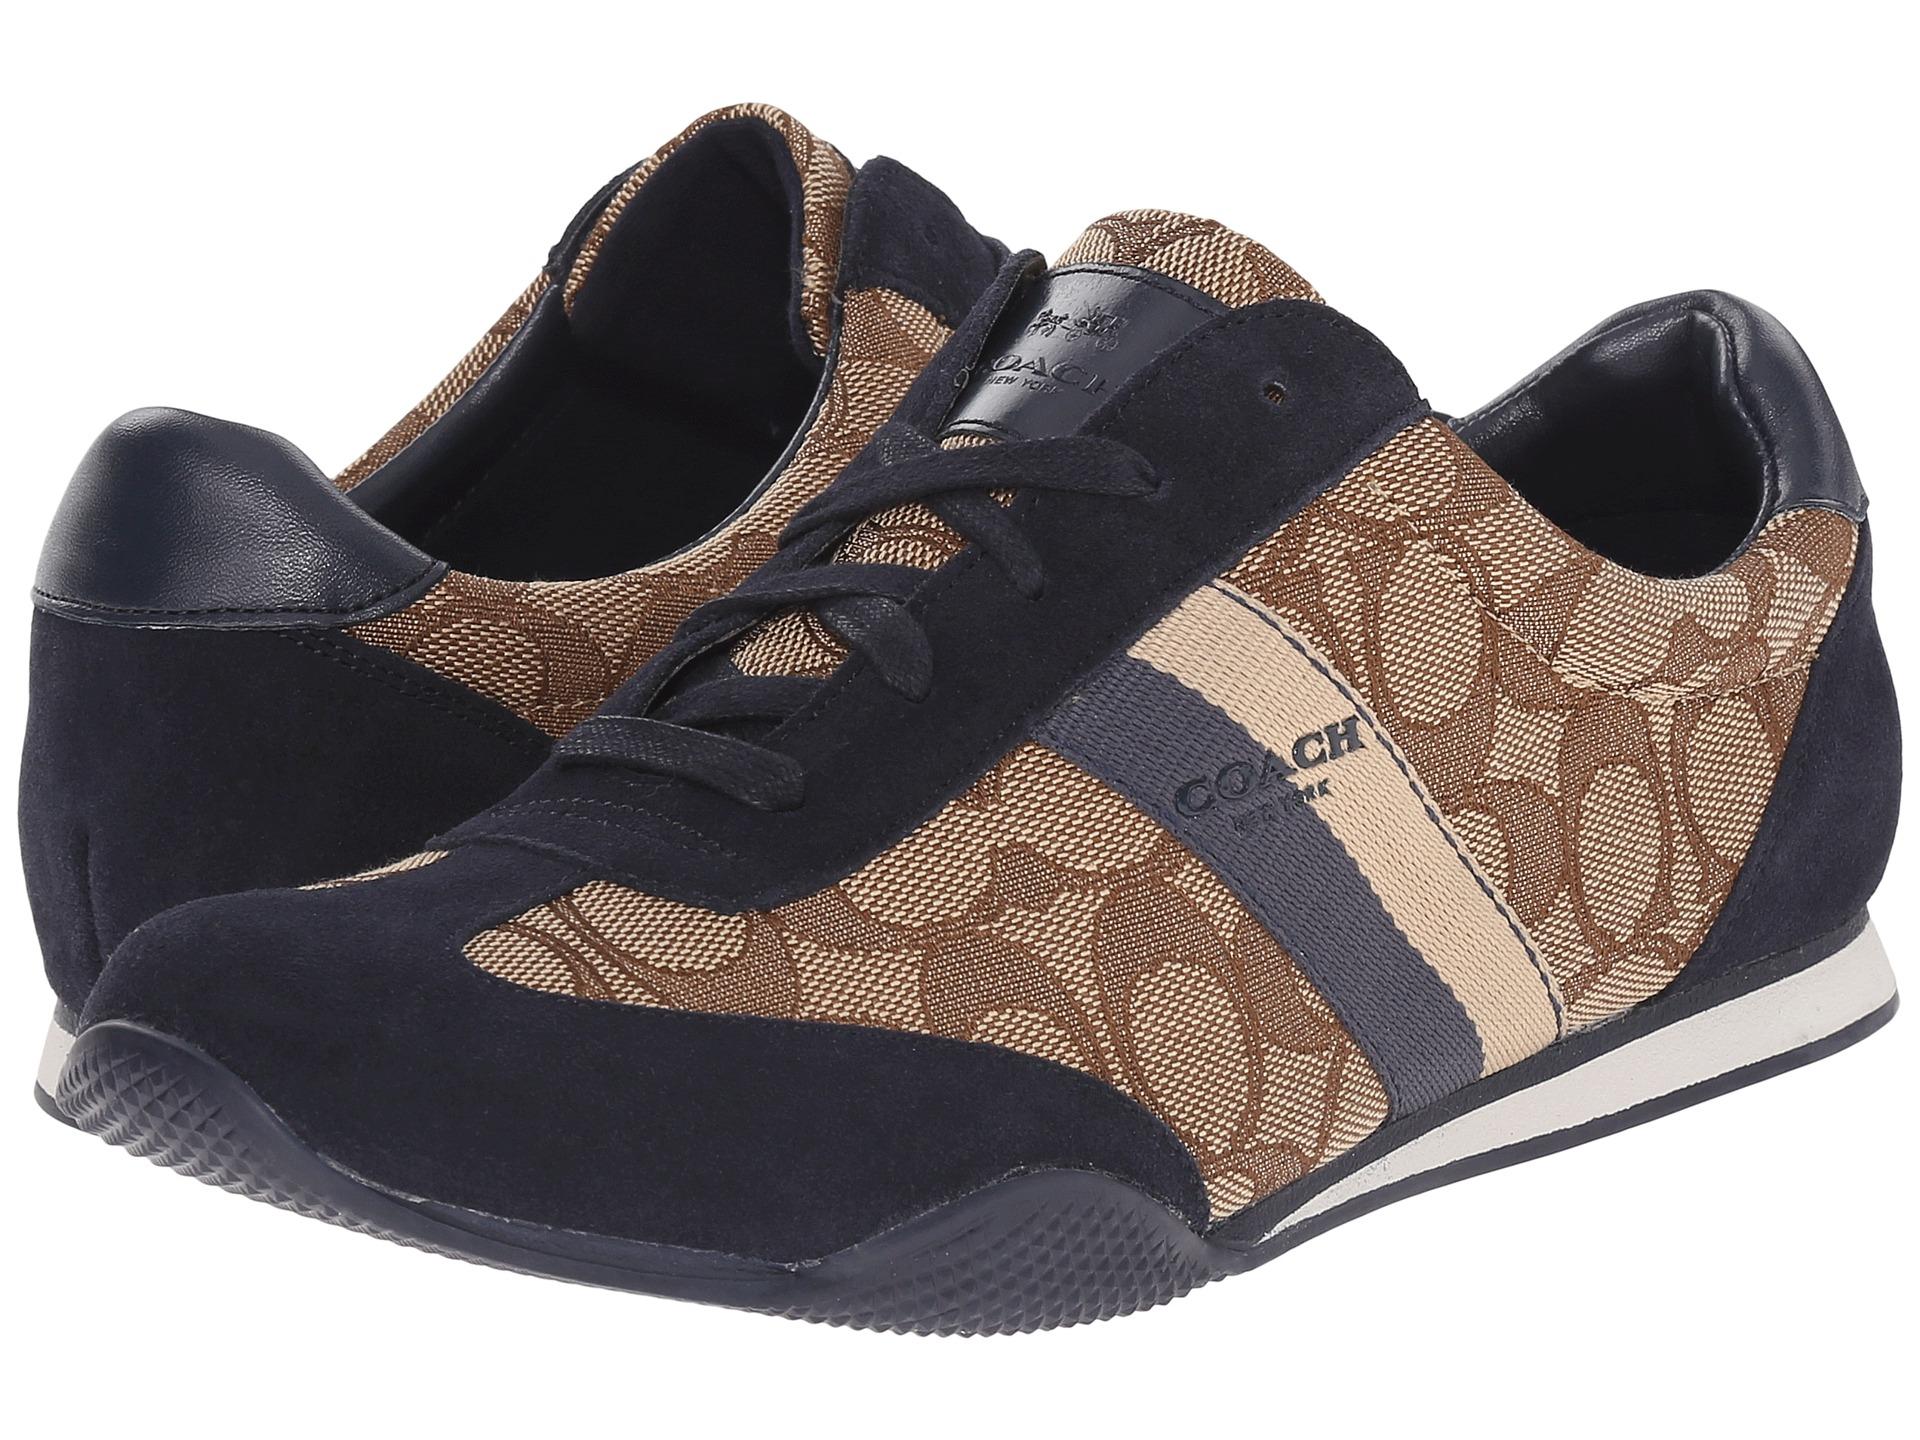 코치 켈슨 아웃라인 스니커즈 시그니처 카키 네이비 스웨이드 COACH Kelson Outline Sneakers Khaki Midnight Navy